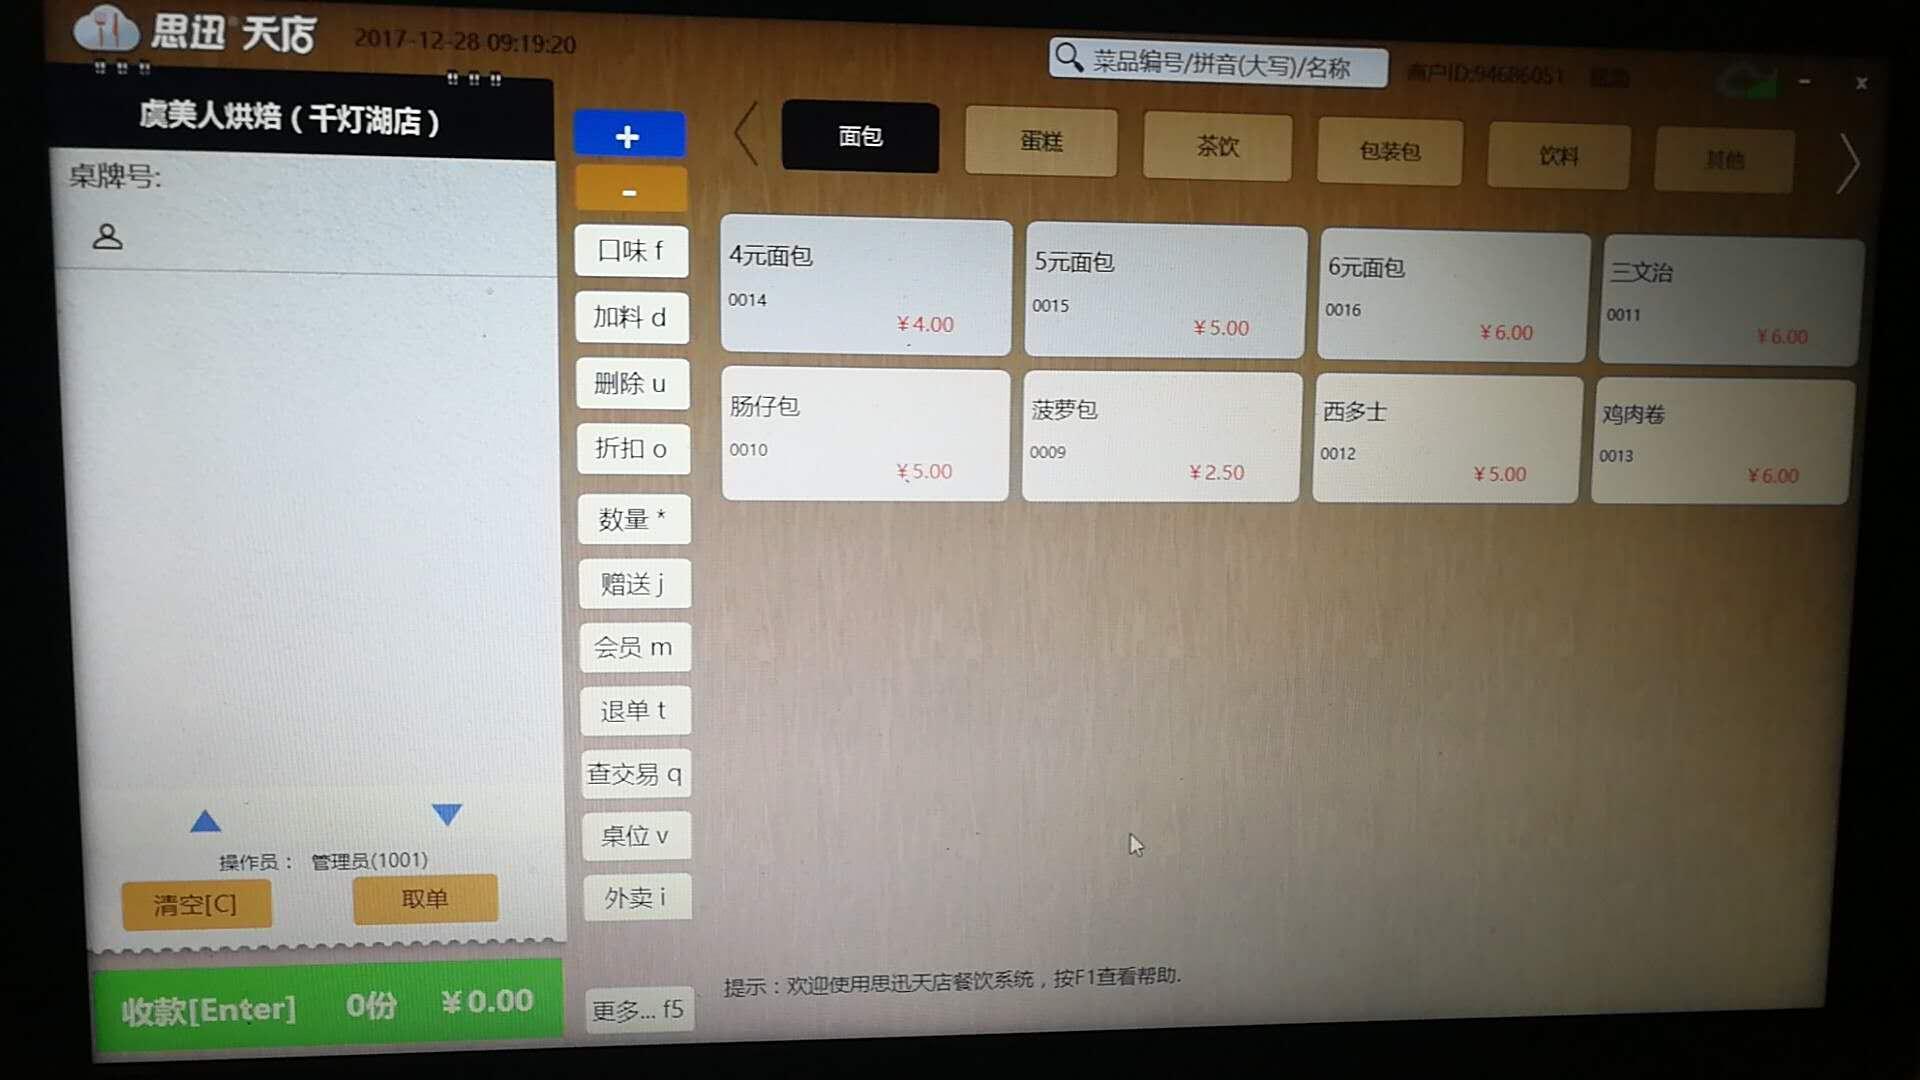 思迅天店收银软件.jpg